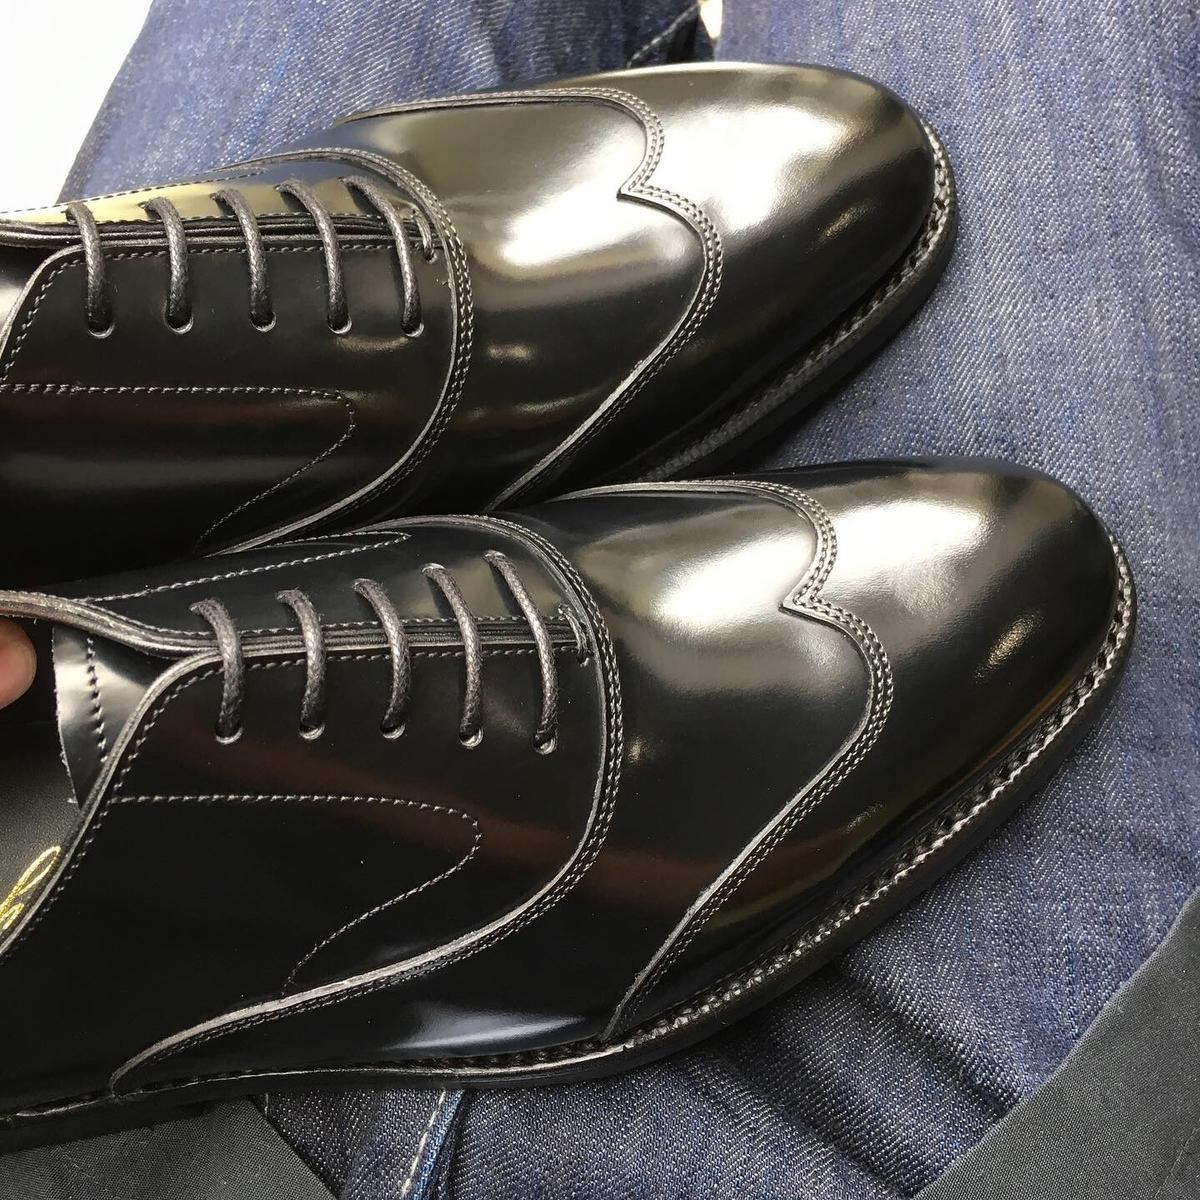 f:id:raymar-shoes:20190712230144j:plain